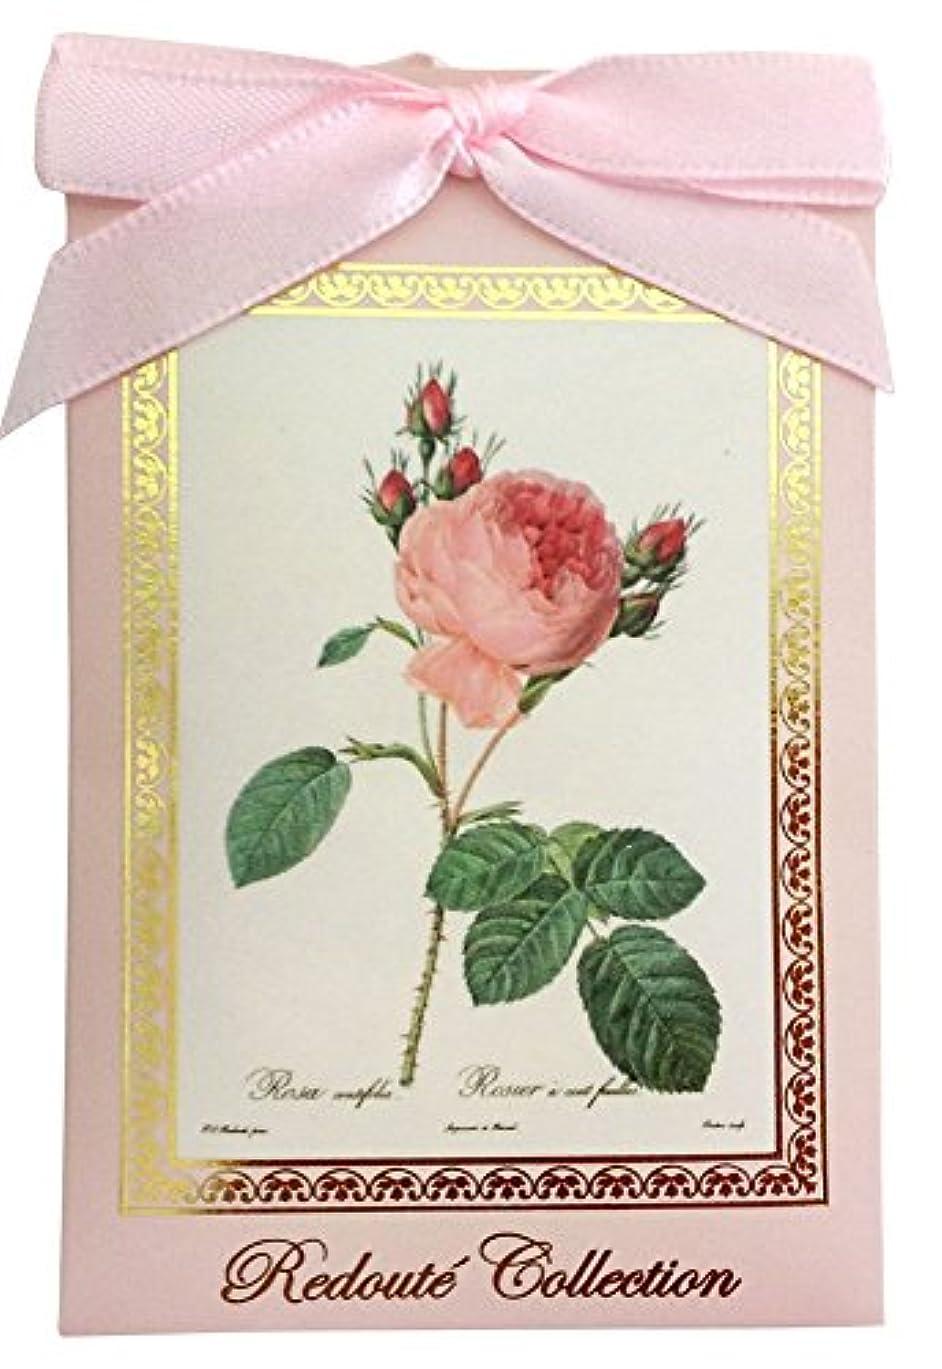 防水精査氷カメヤマキャンドルハウス ルドゥーテ サシェ スイートローズの香り 芳香期間約1ヶ月